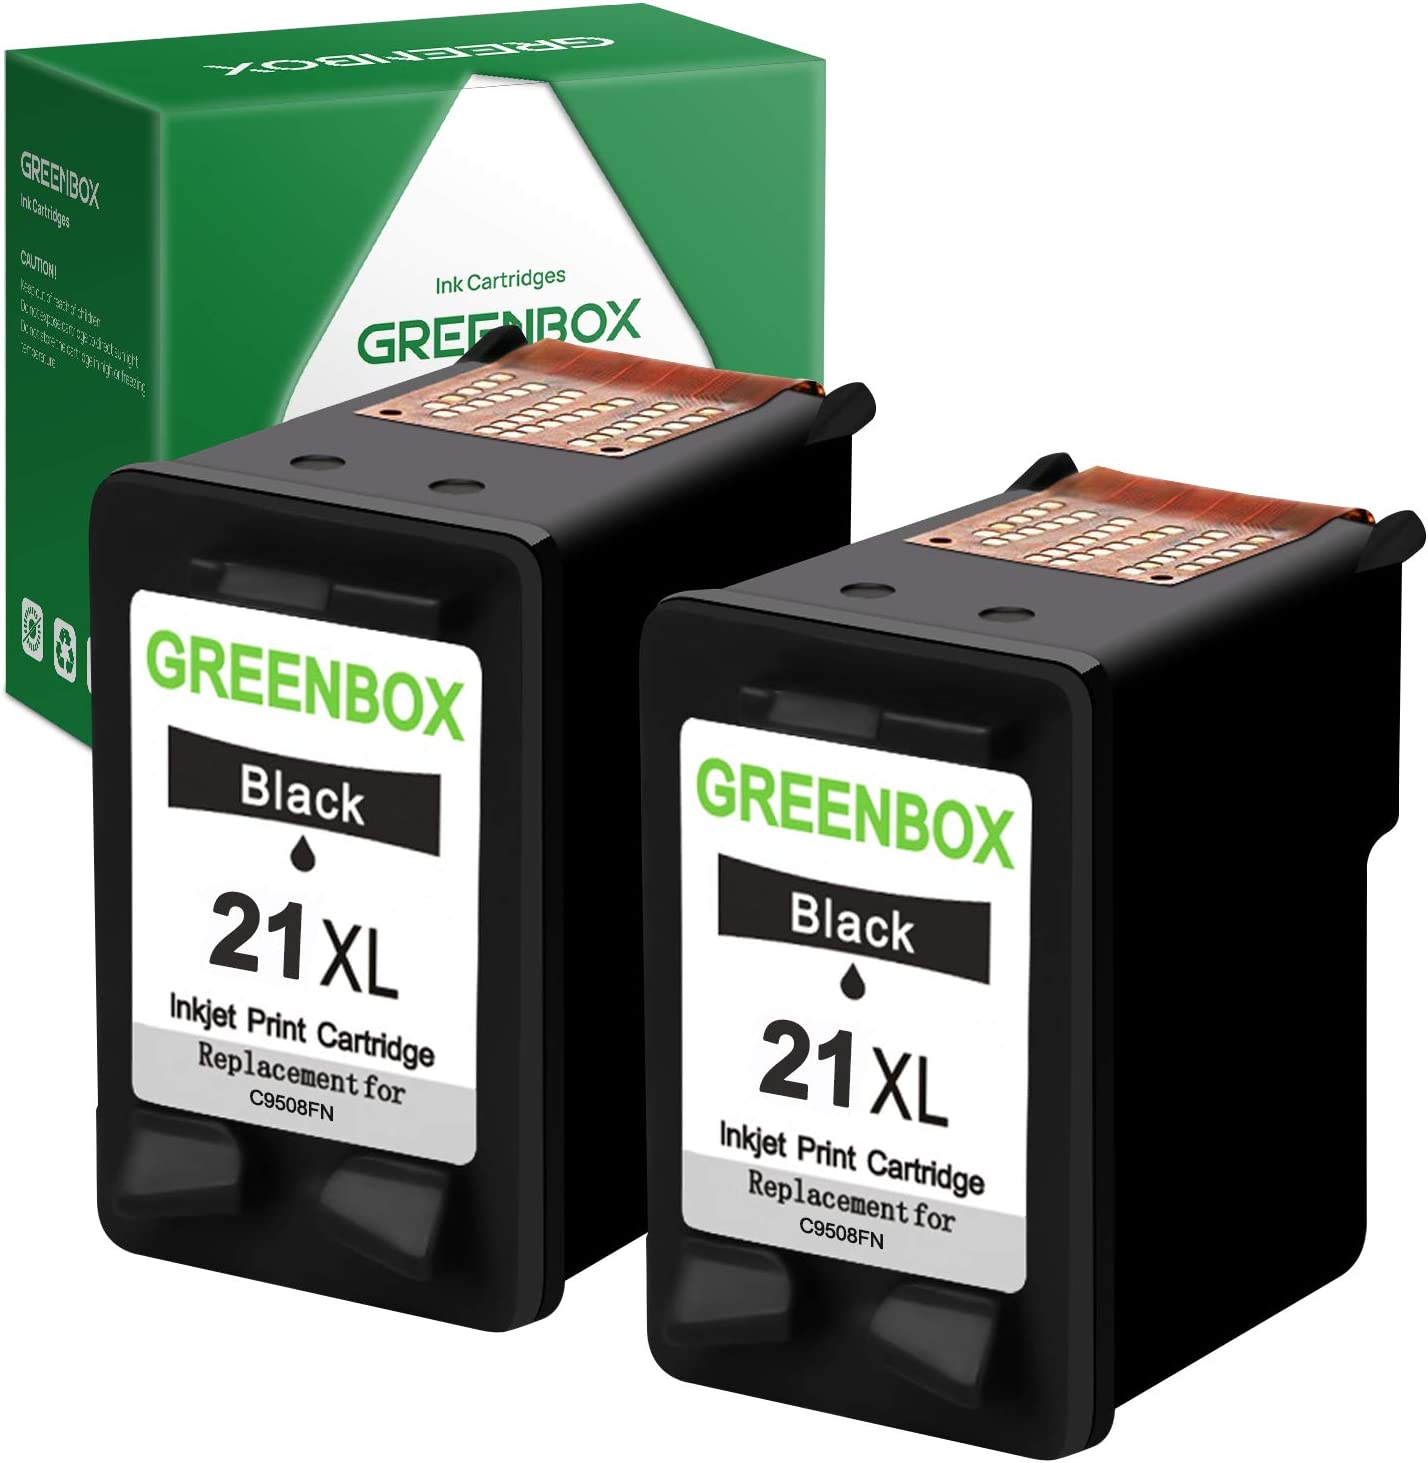 GREENBOX Remanufactured Ink Cartridge 21 Replacement for HP 21 21XL for HP Officejet 4315 J3680 Deskjet 3915 3930 3940 D1341 D1420 D1455 D1520 D1530 D1560 D2330 D2430 D2460 PSC 1410 Printer (2 Black)